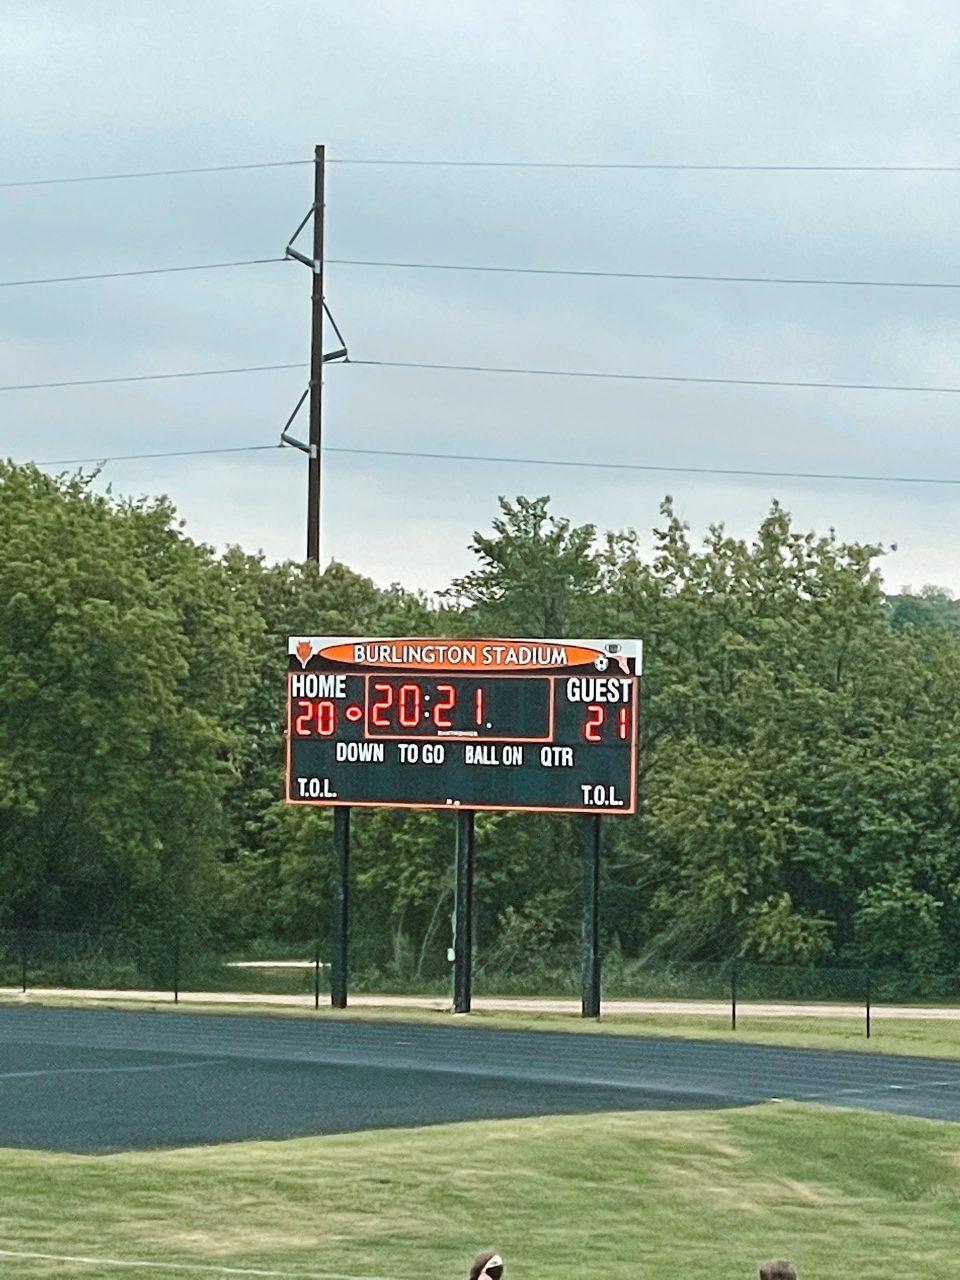 class of 2021 on the scoreboard